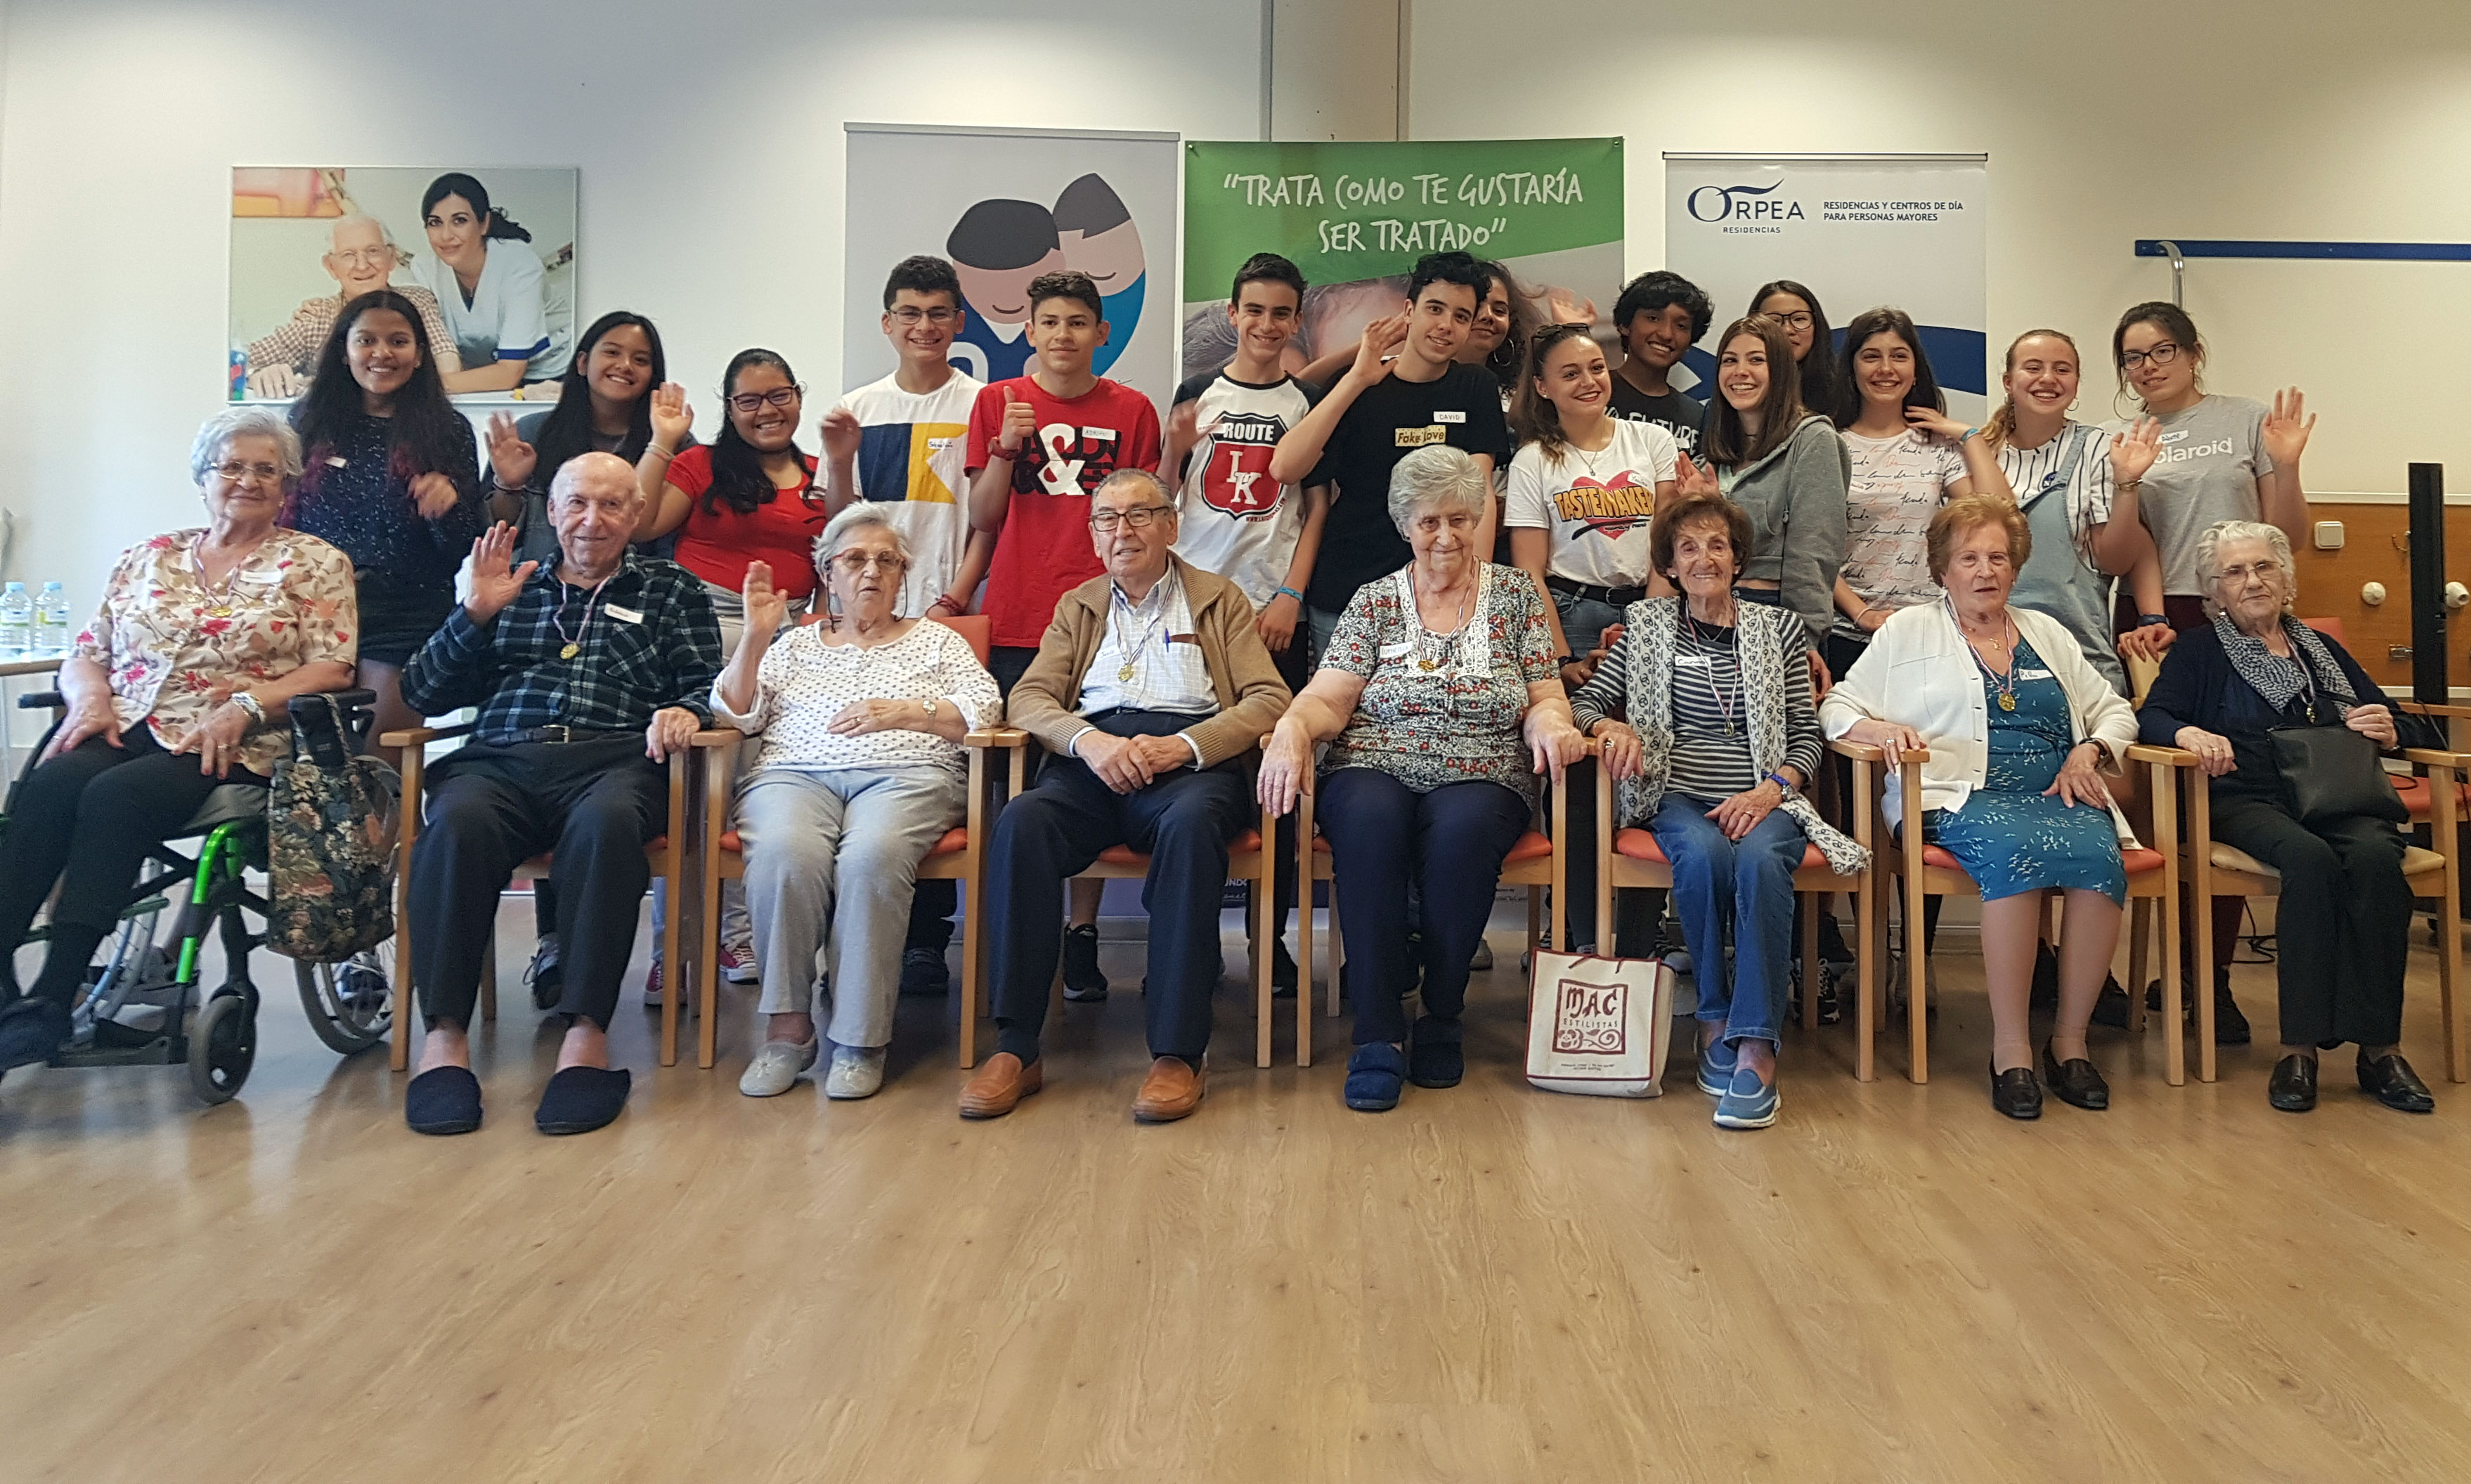 ORPEA Las Rozas acoge el segundo encuentro intergeneracional organizado por Fundación Mayores de Hoy